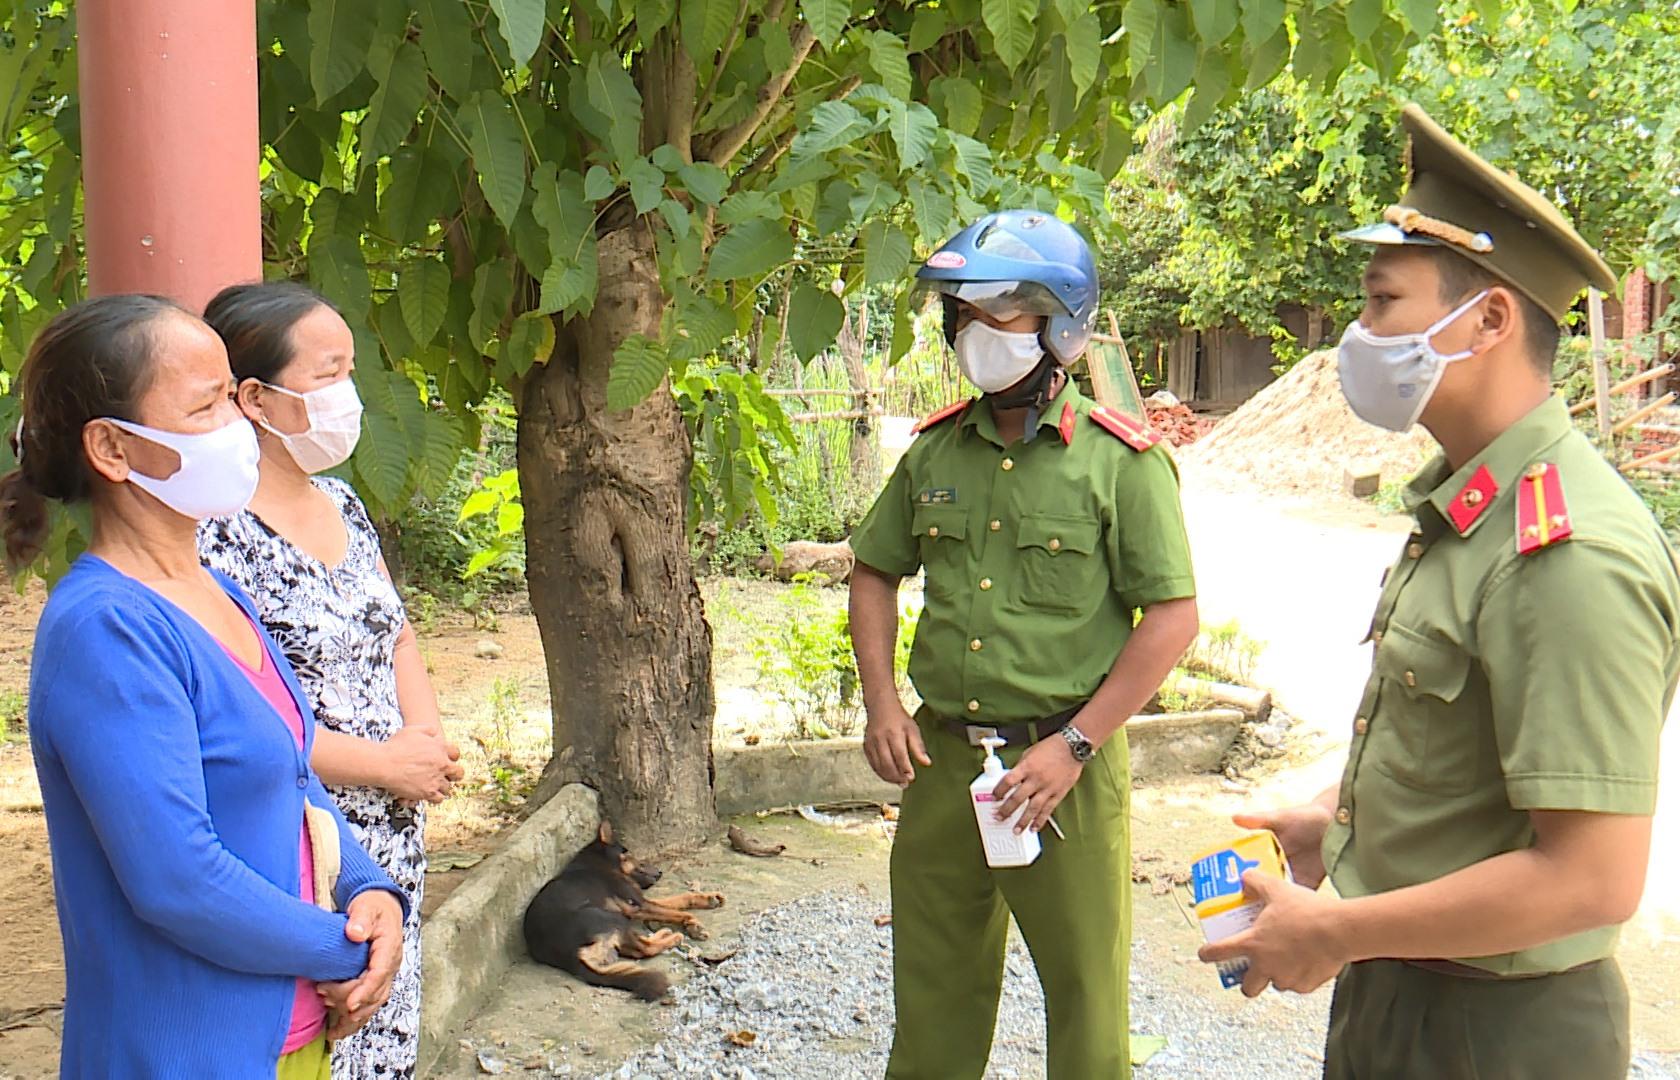 Công an huyện Nam Giang tuyên truyền phòng chống dịch bệnh Covid-19. Ảnh: T.SỸ